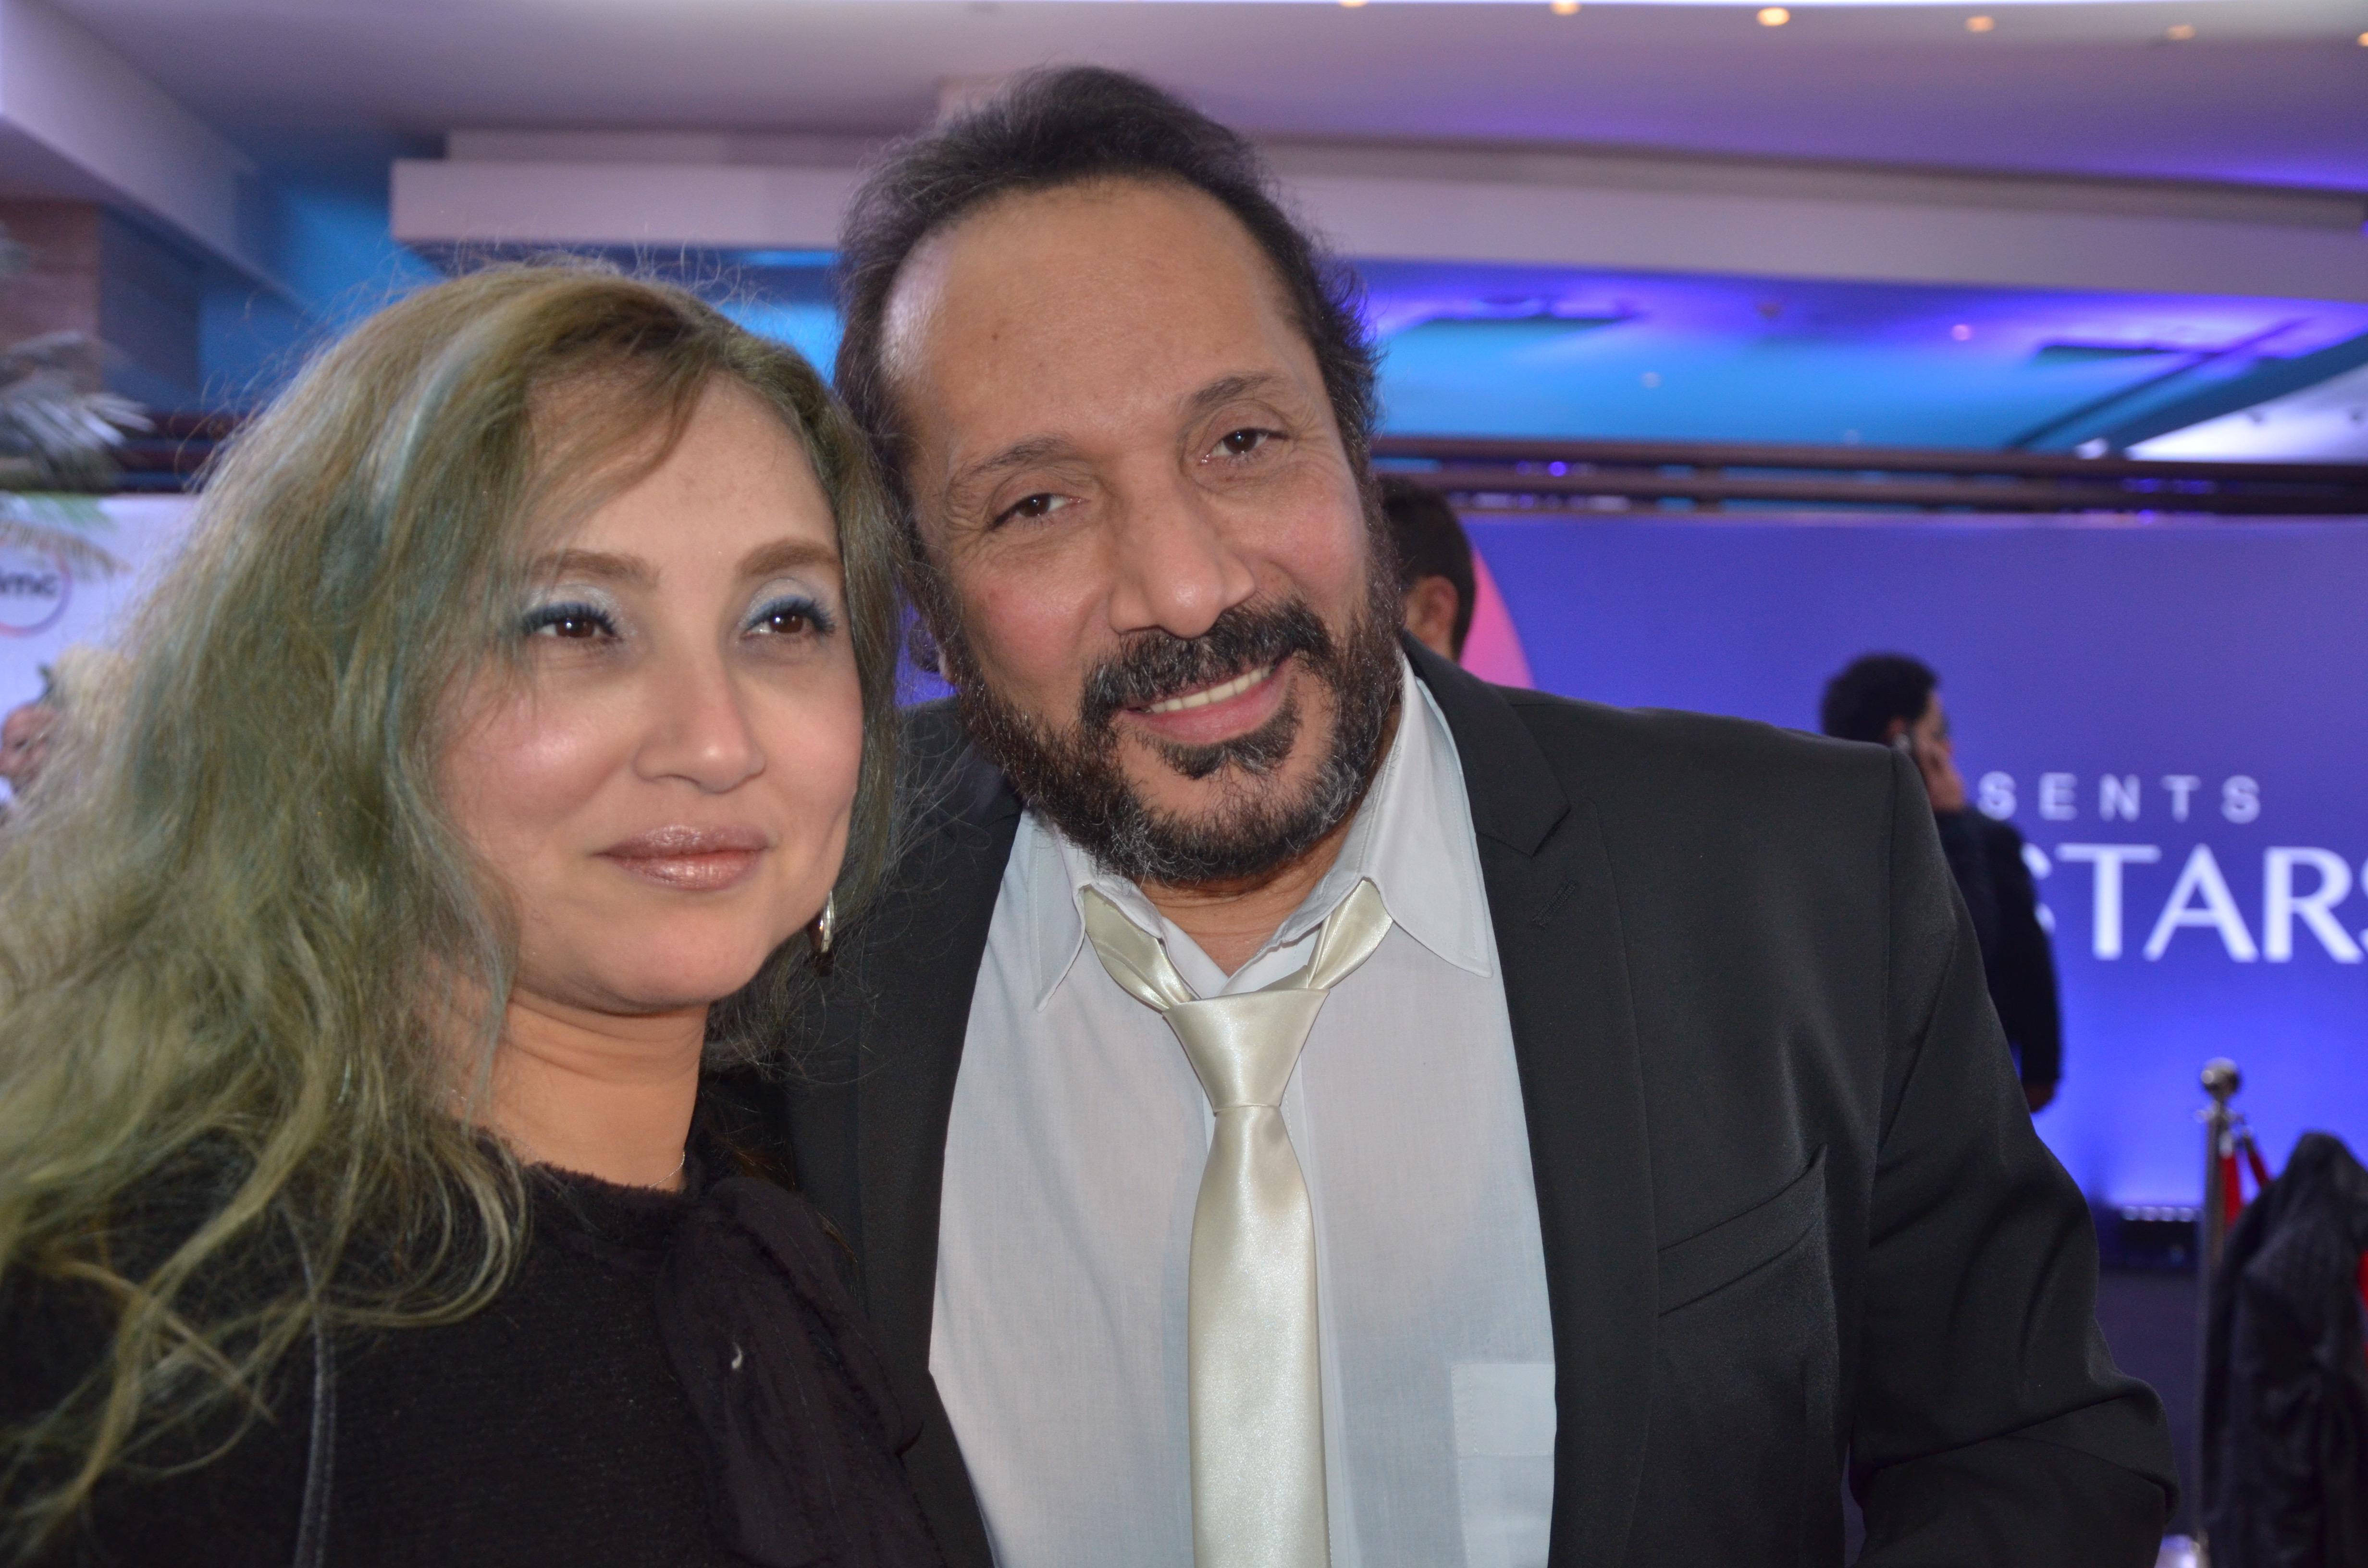 Ali El Haggar and his wife